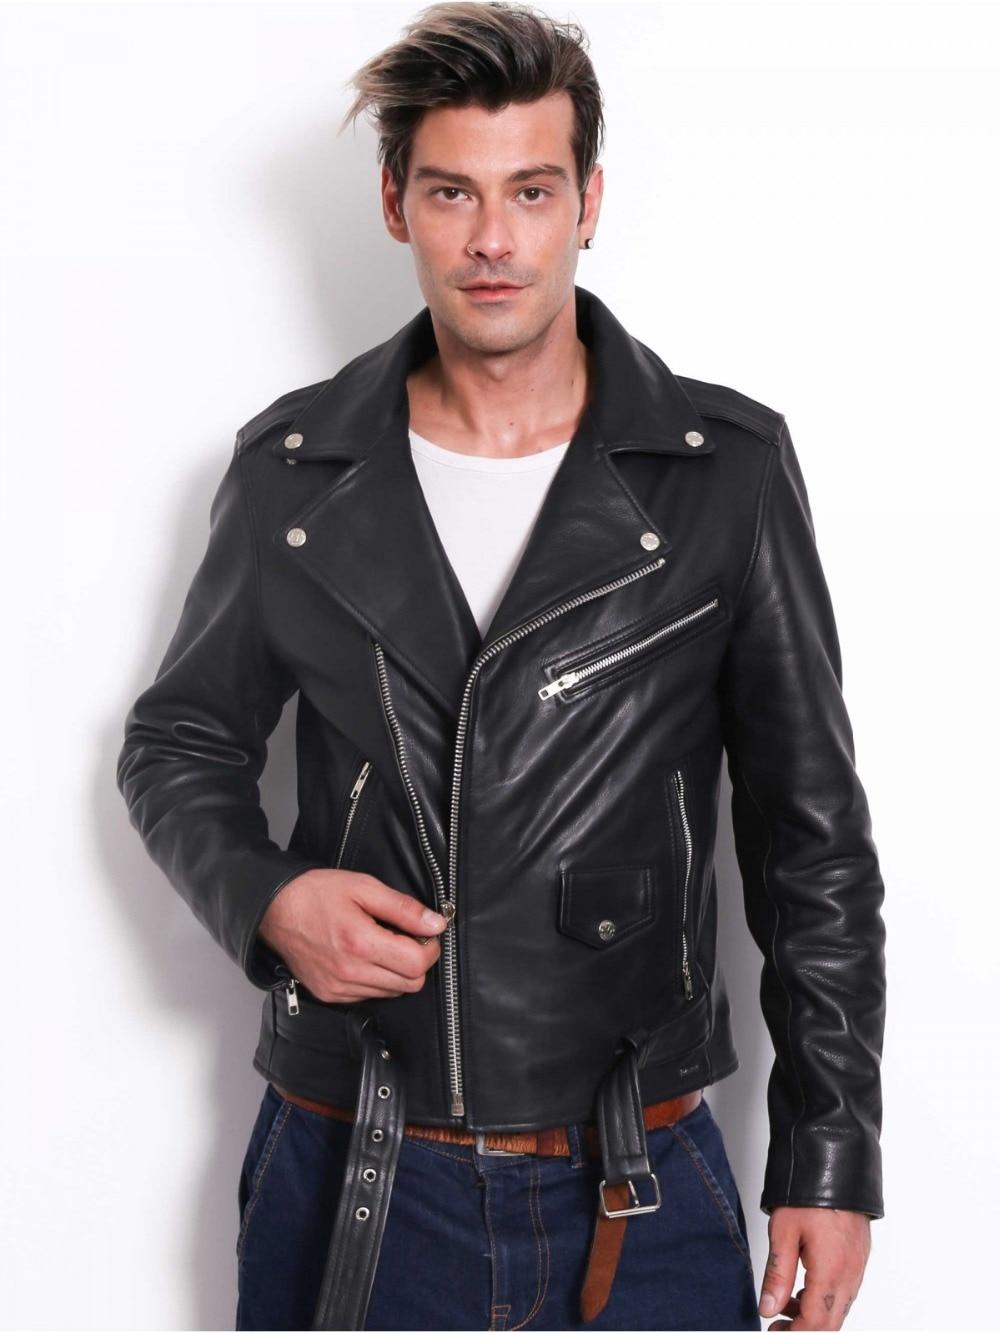 Mens Genuine Cowhide Premium Leather Motorcycle Biker Top Leather Jacket Black